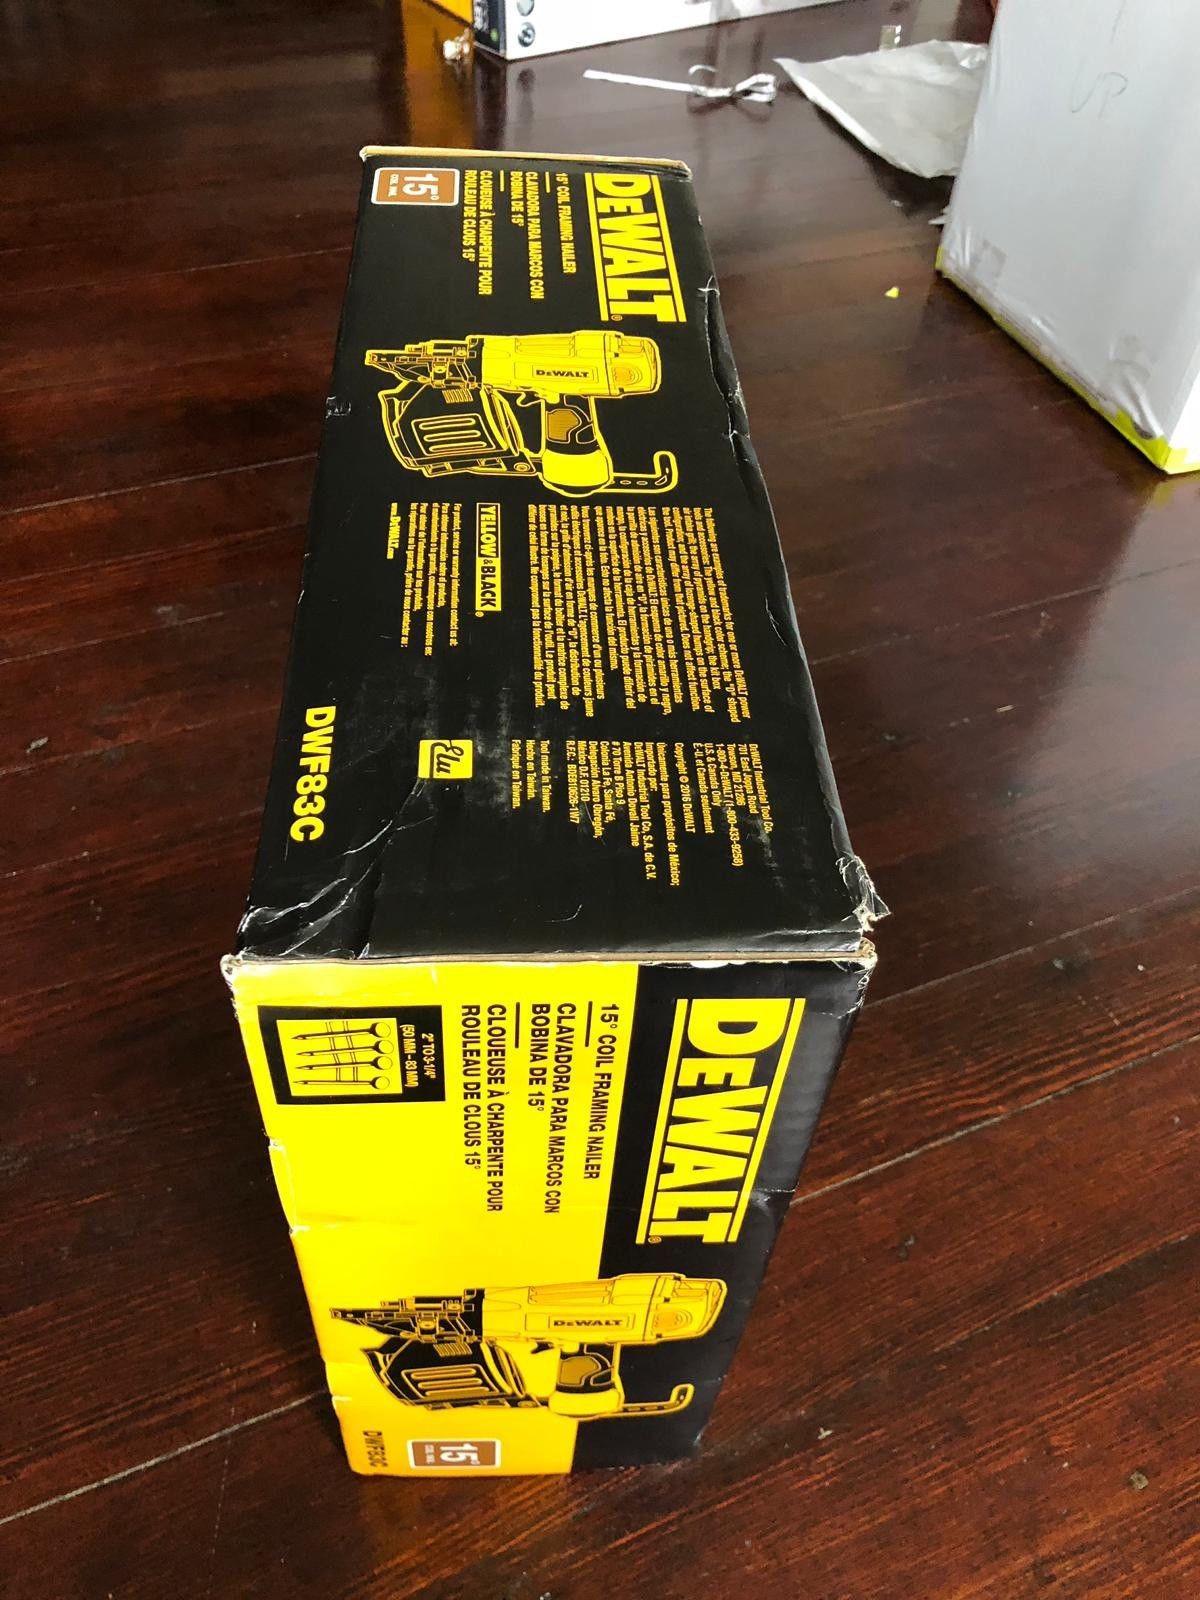 ebay hardwood floor nailer of dewalt dwf83c coil framing nailer power tool 579907 b0609 ebay intended for s l1600